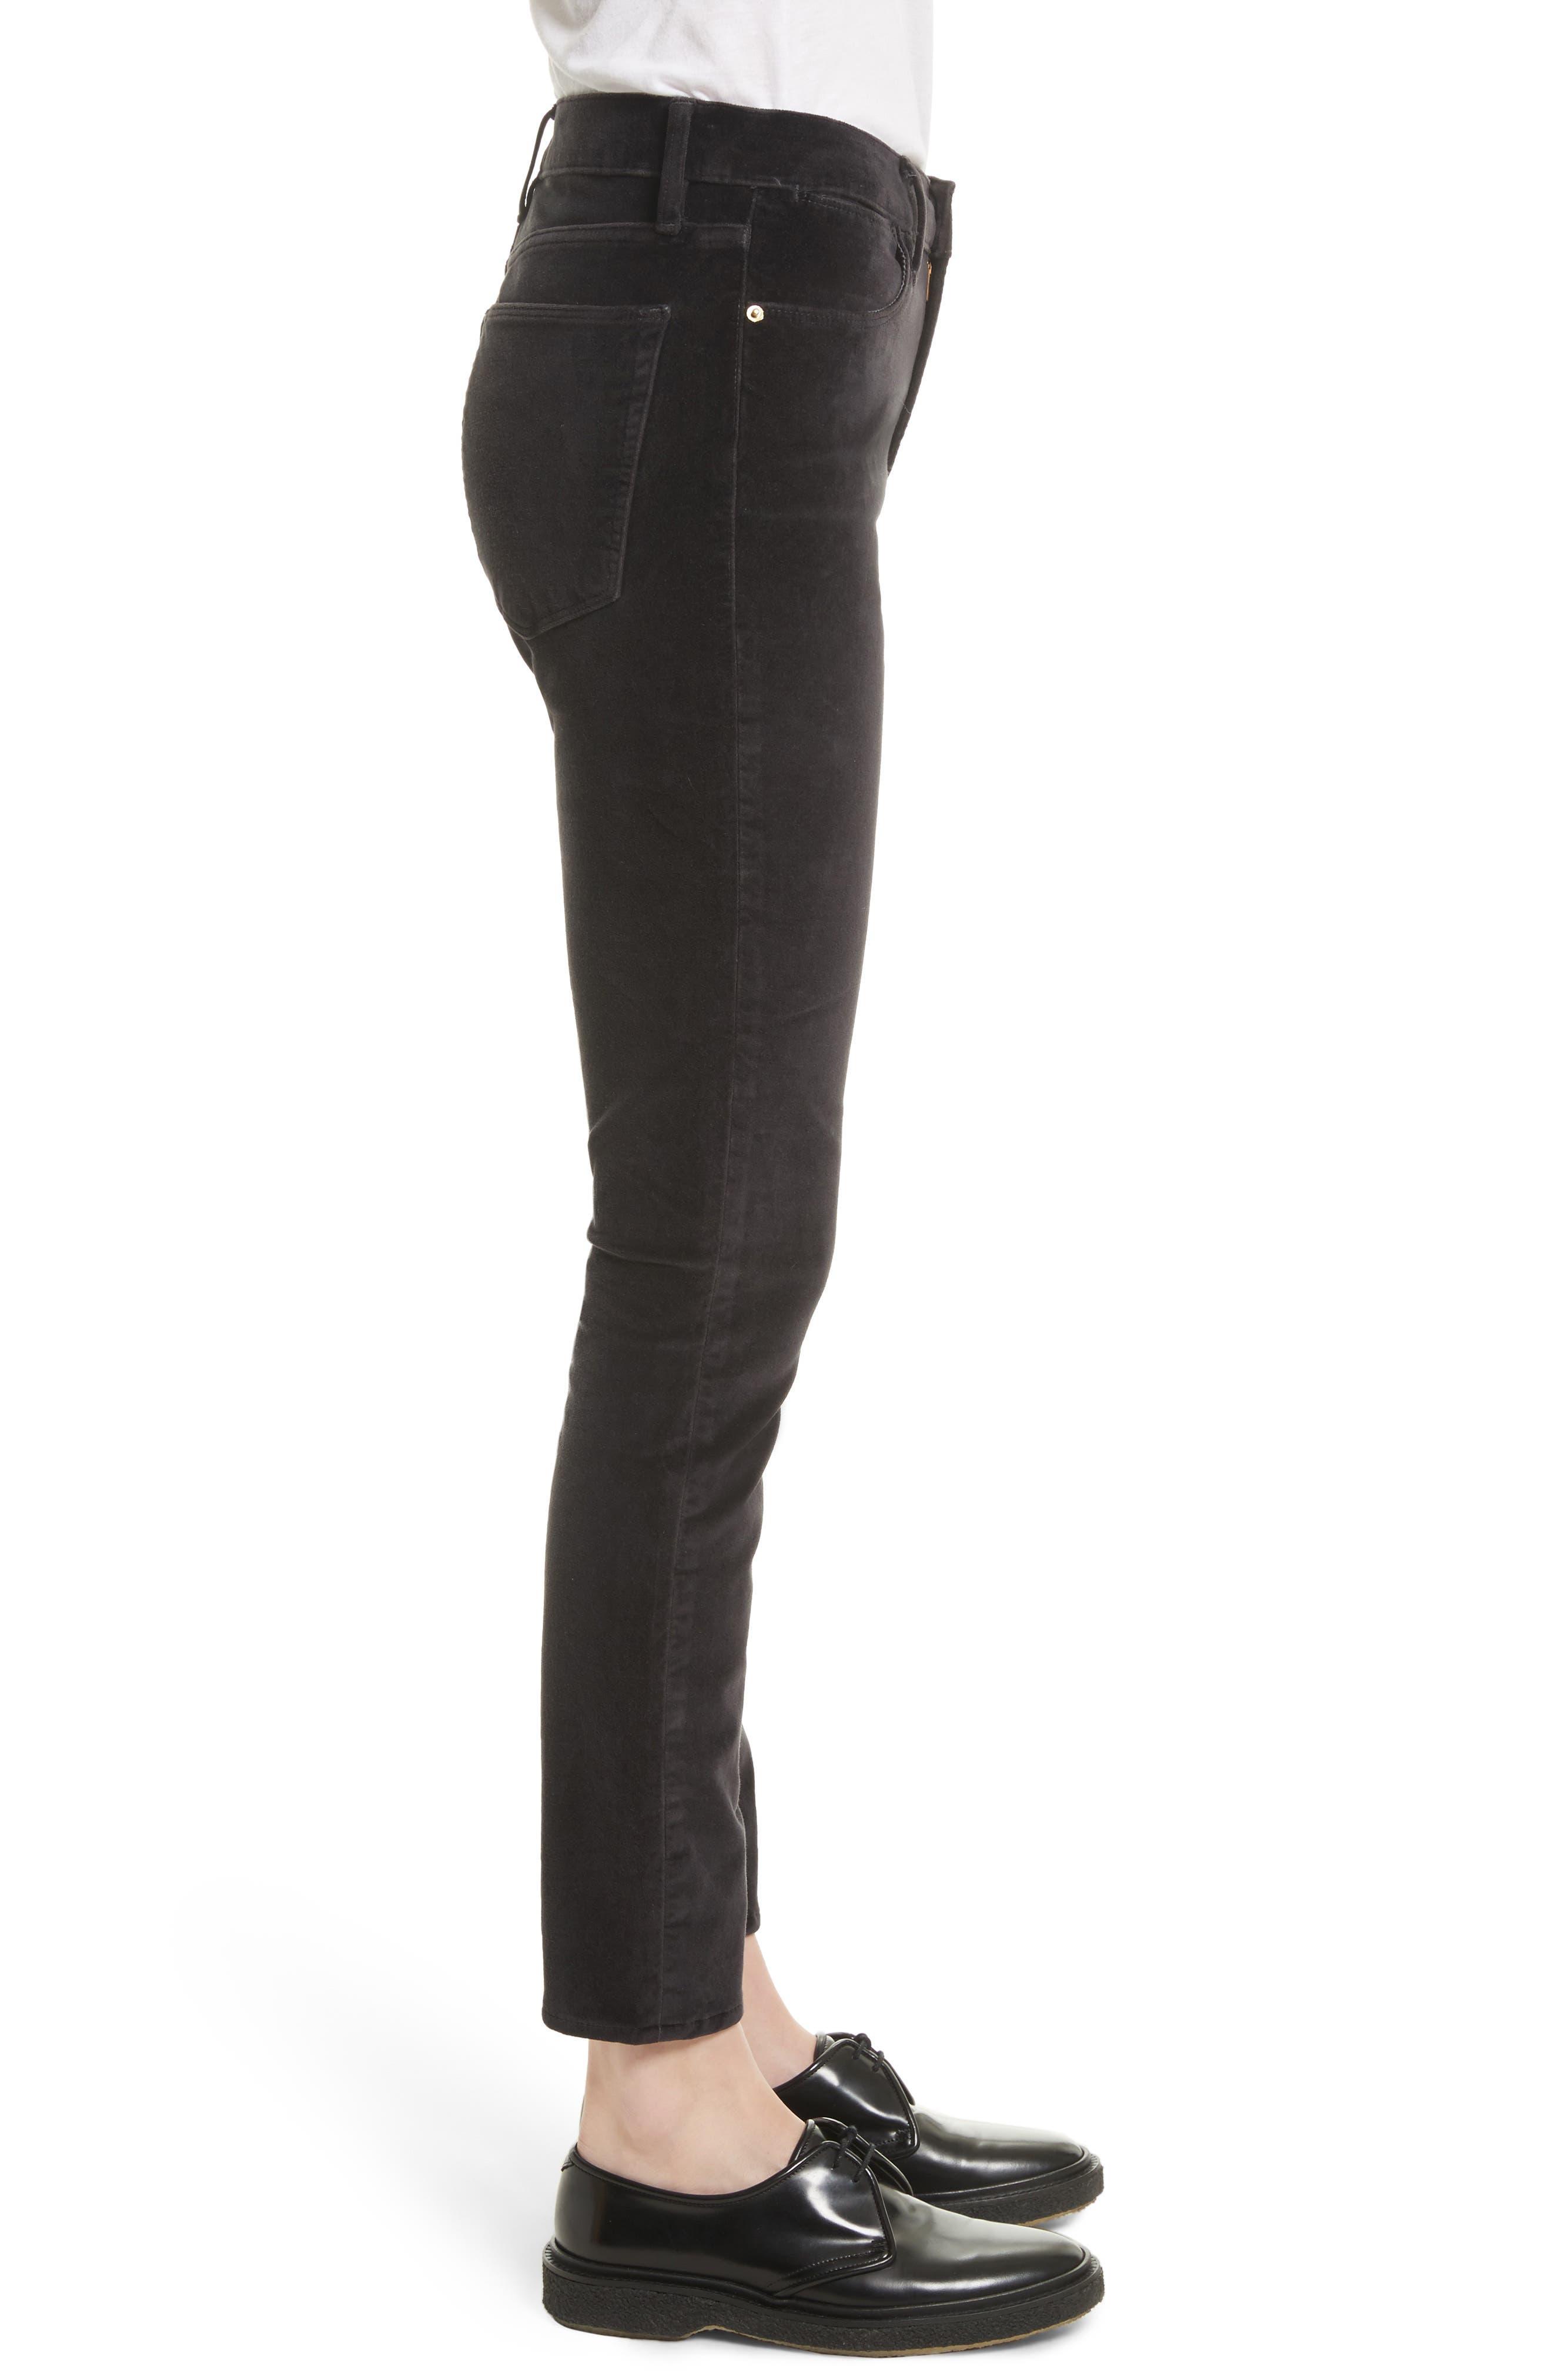 Velveteen High Waist Skinny Pants,                             Alternate thumbnail 4, color,                             Charcoal